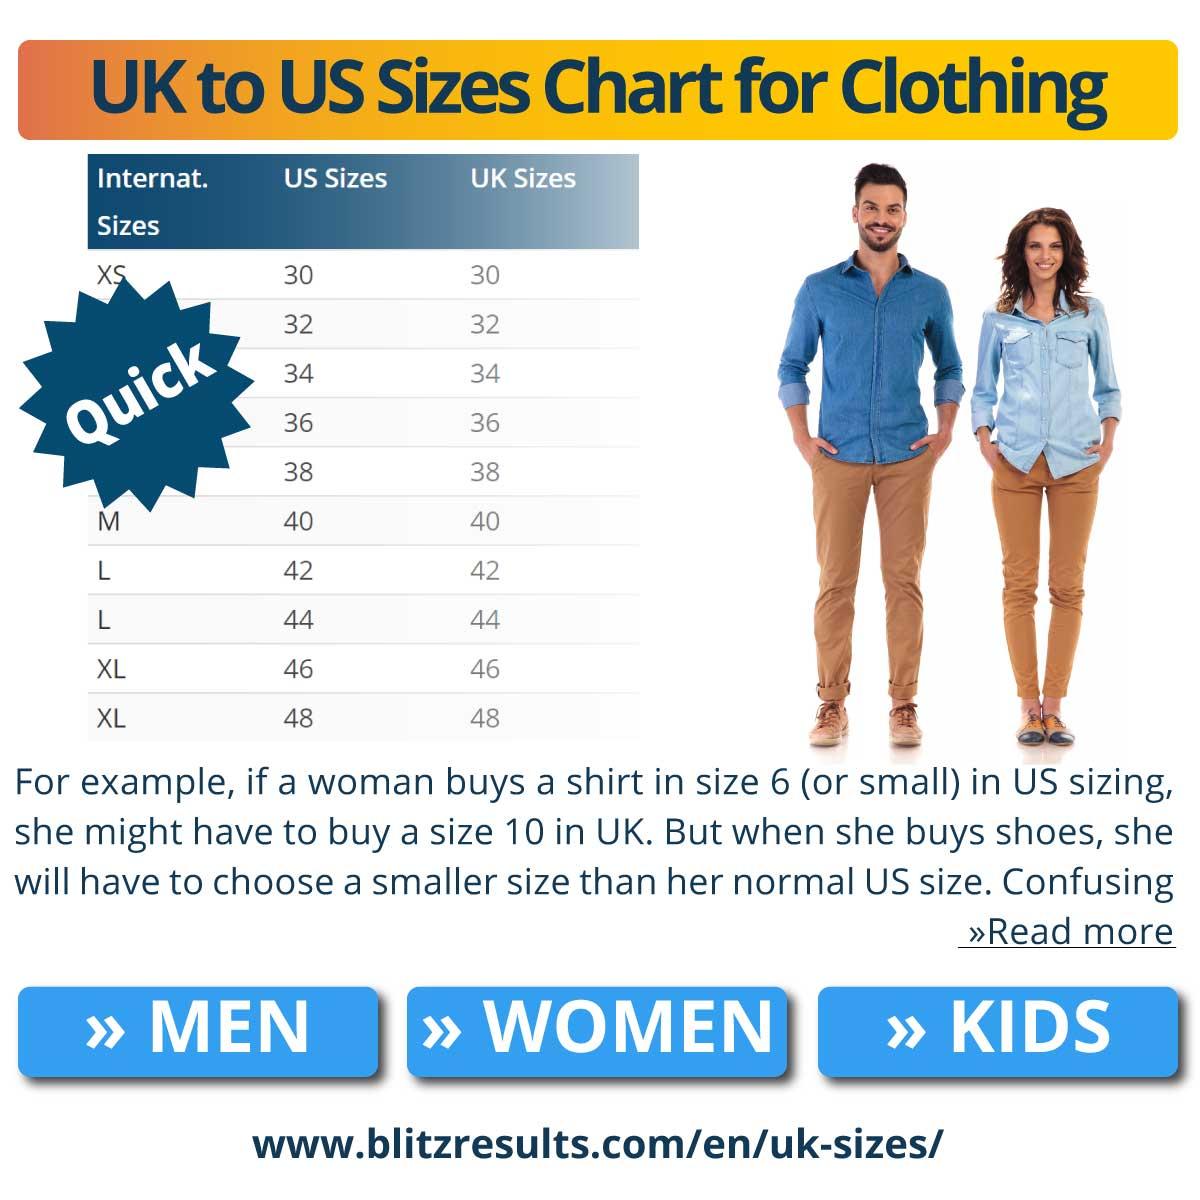 UK to US Sizes Chart for Clothing